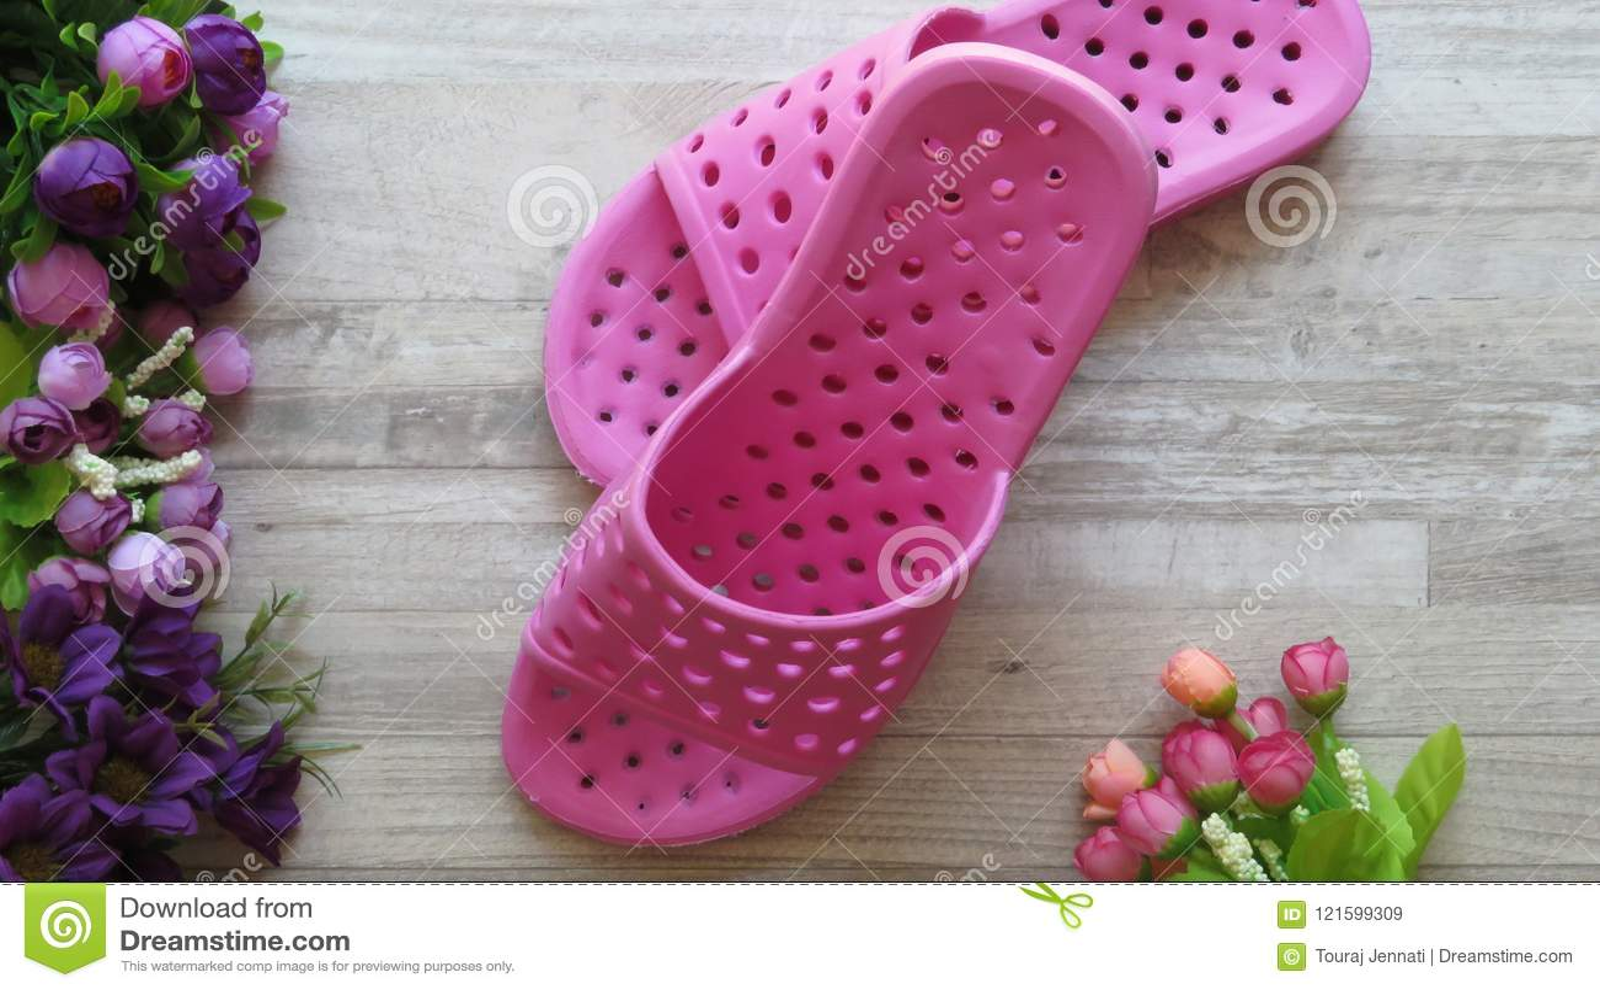 Sandálias do chuveiro cor-de-rosa/que secam rapidamente deslizadores e flores do banho